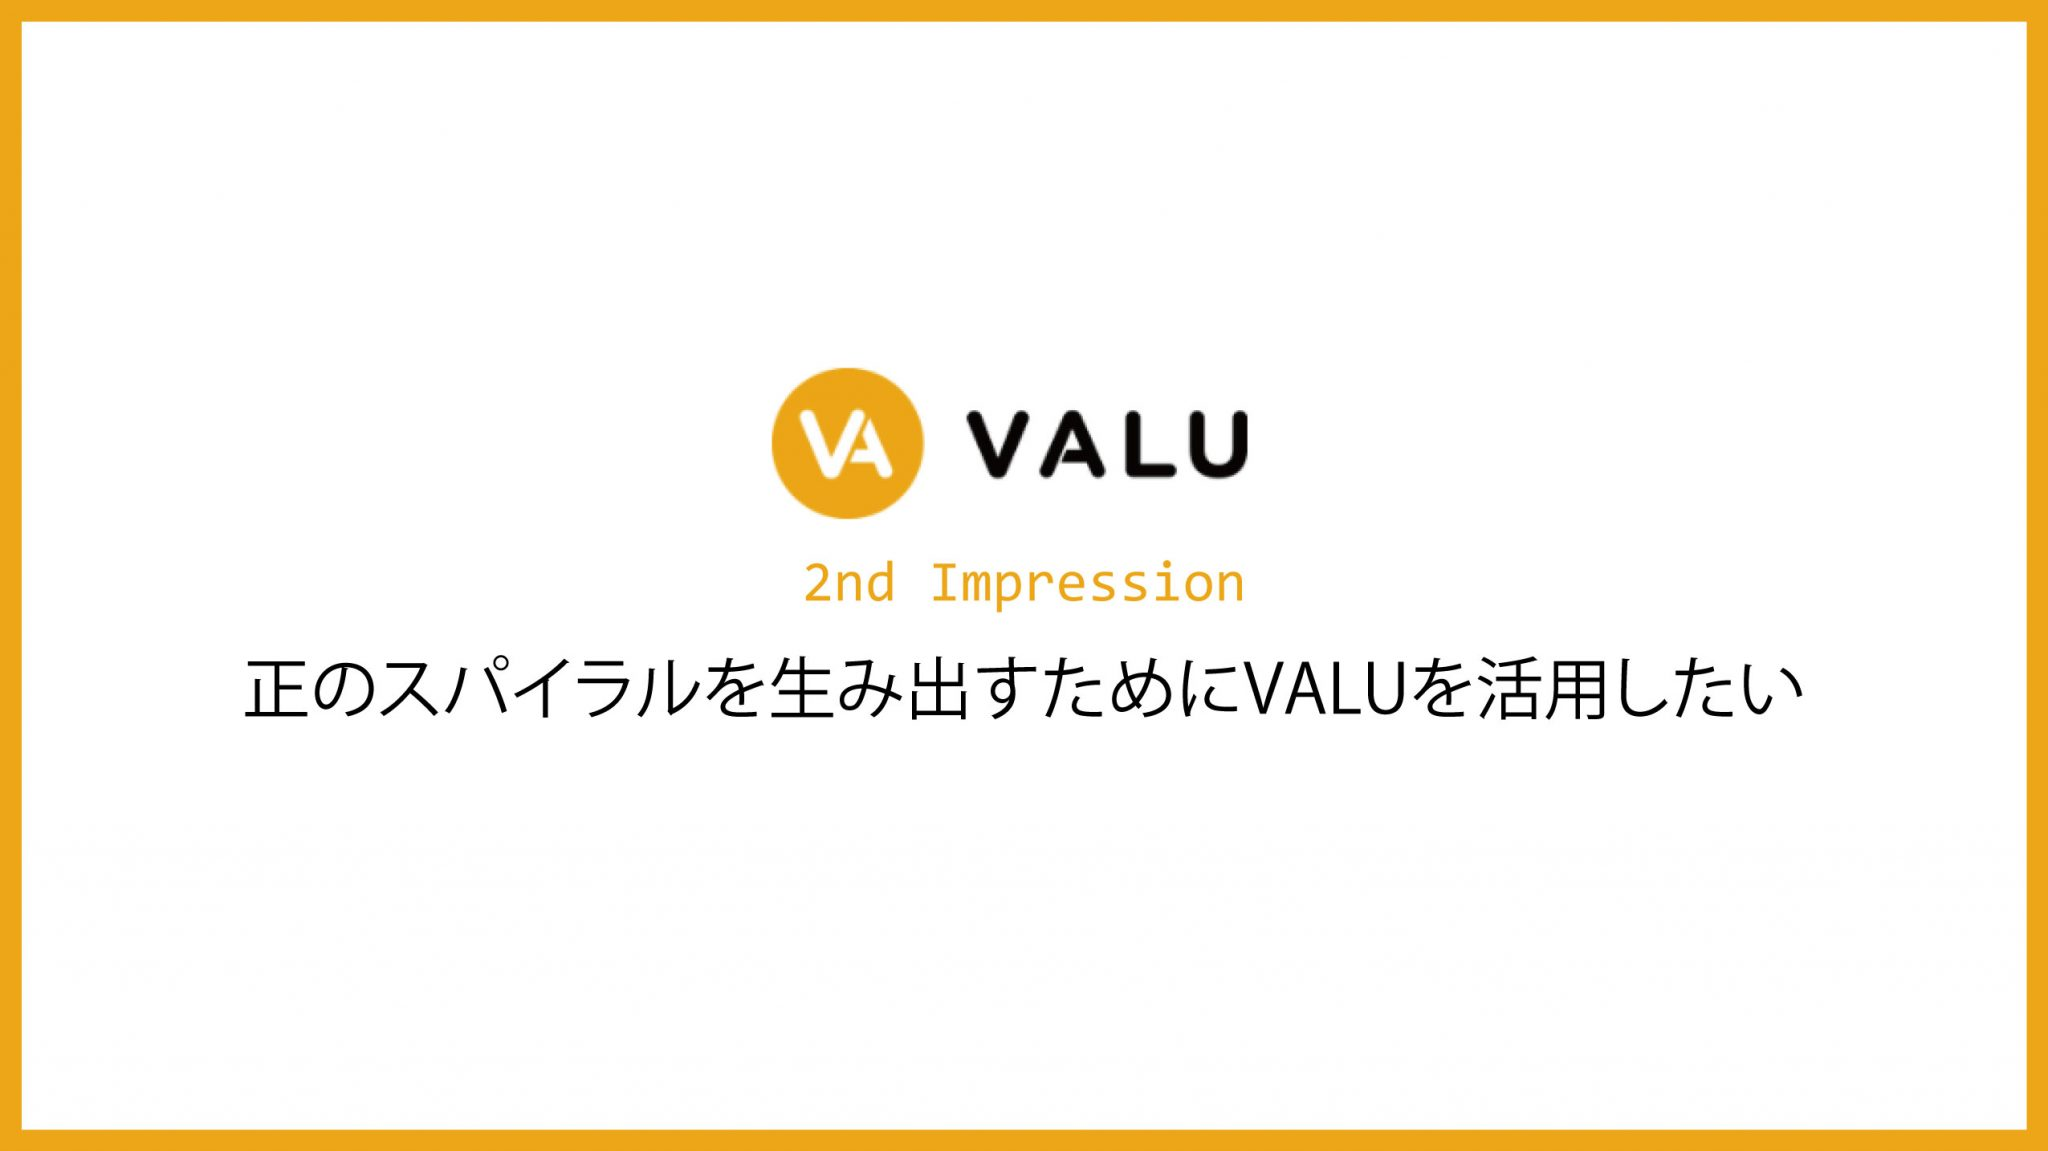 正のスパイラルを生み出すためにVALUを活用したい